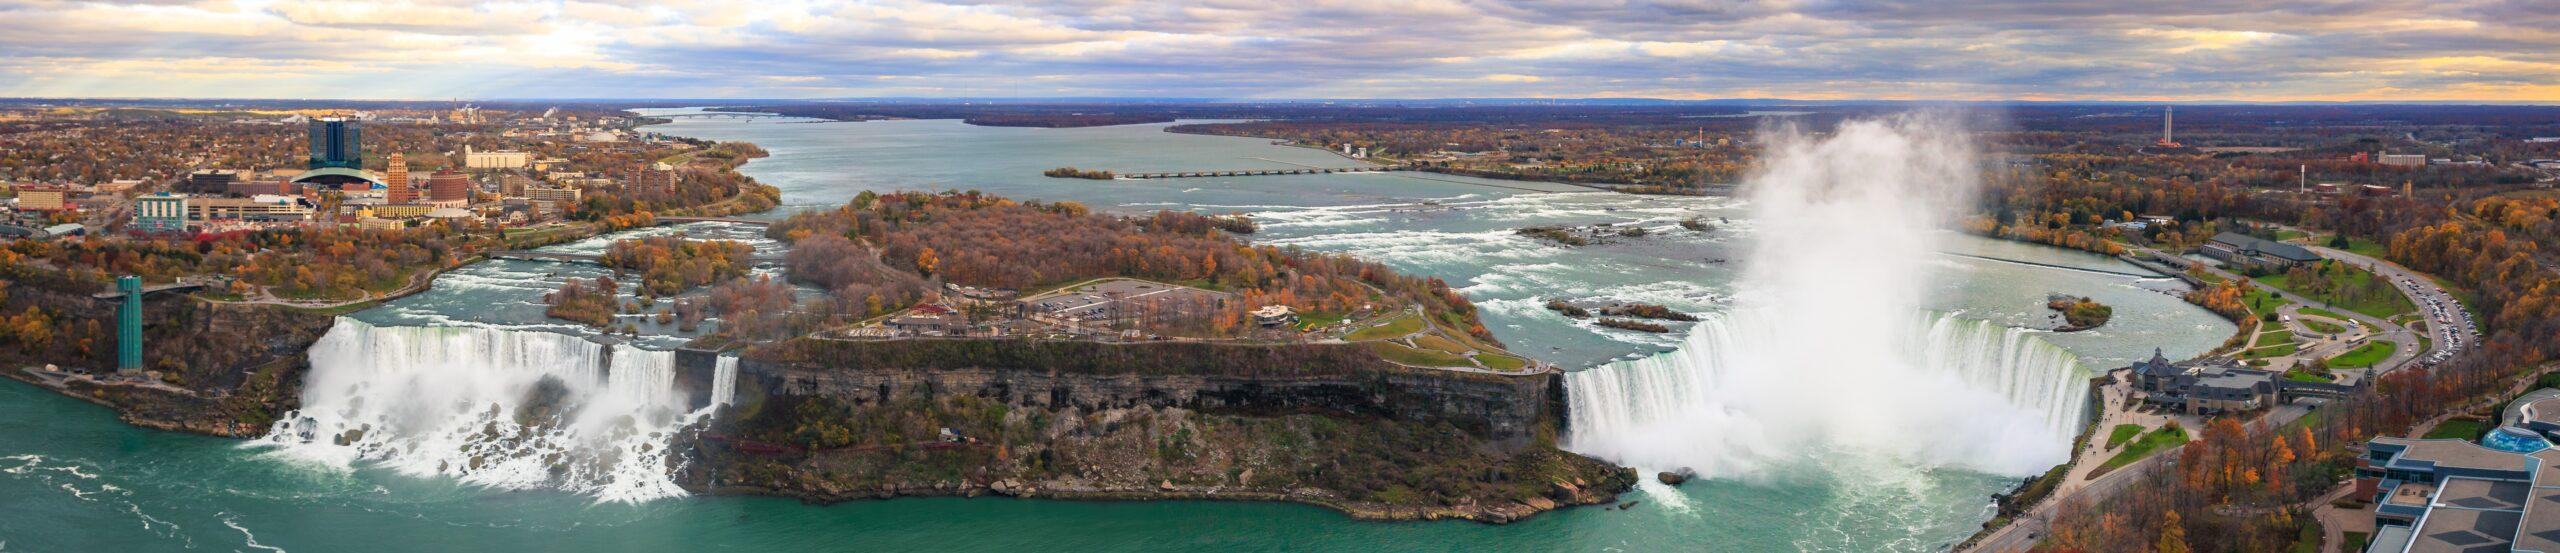 Niagara, Ontario